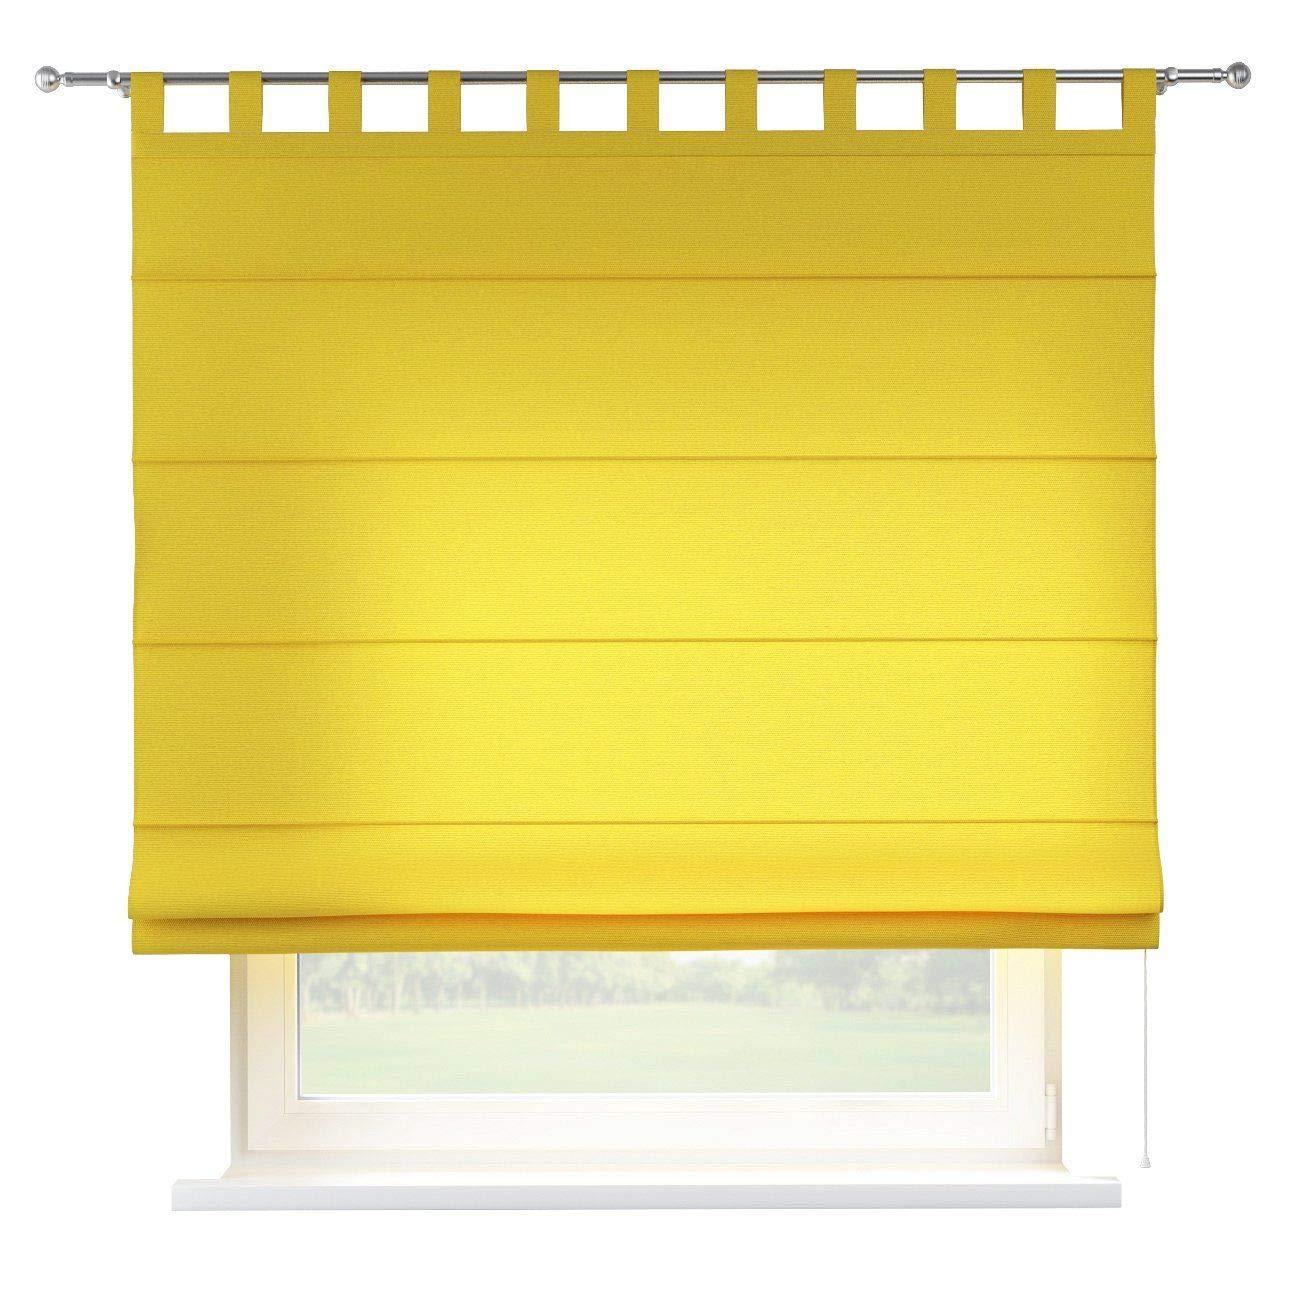 Dekoria Raffrollo Verona ohne Bohren Blickdicht Faltvorhang Raffgardine Wohnzimmer Schlafzimmer Kinderzimmer 130 × 170 cm gelb Raffrollos auf Maß maßanfertigung möglich